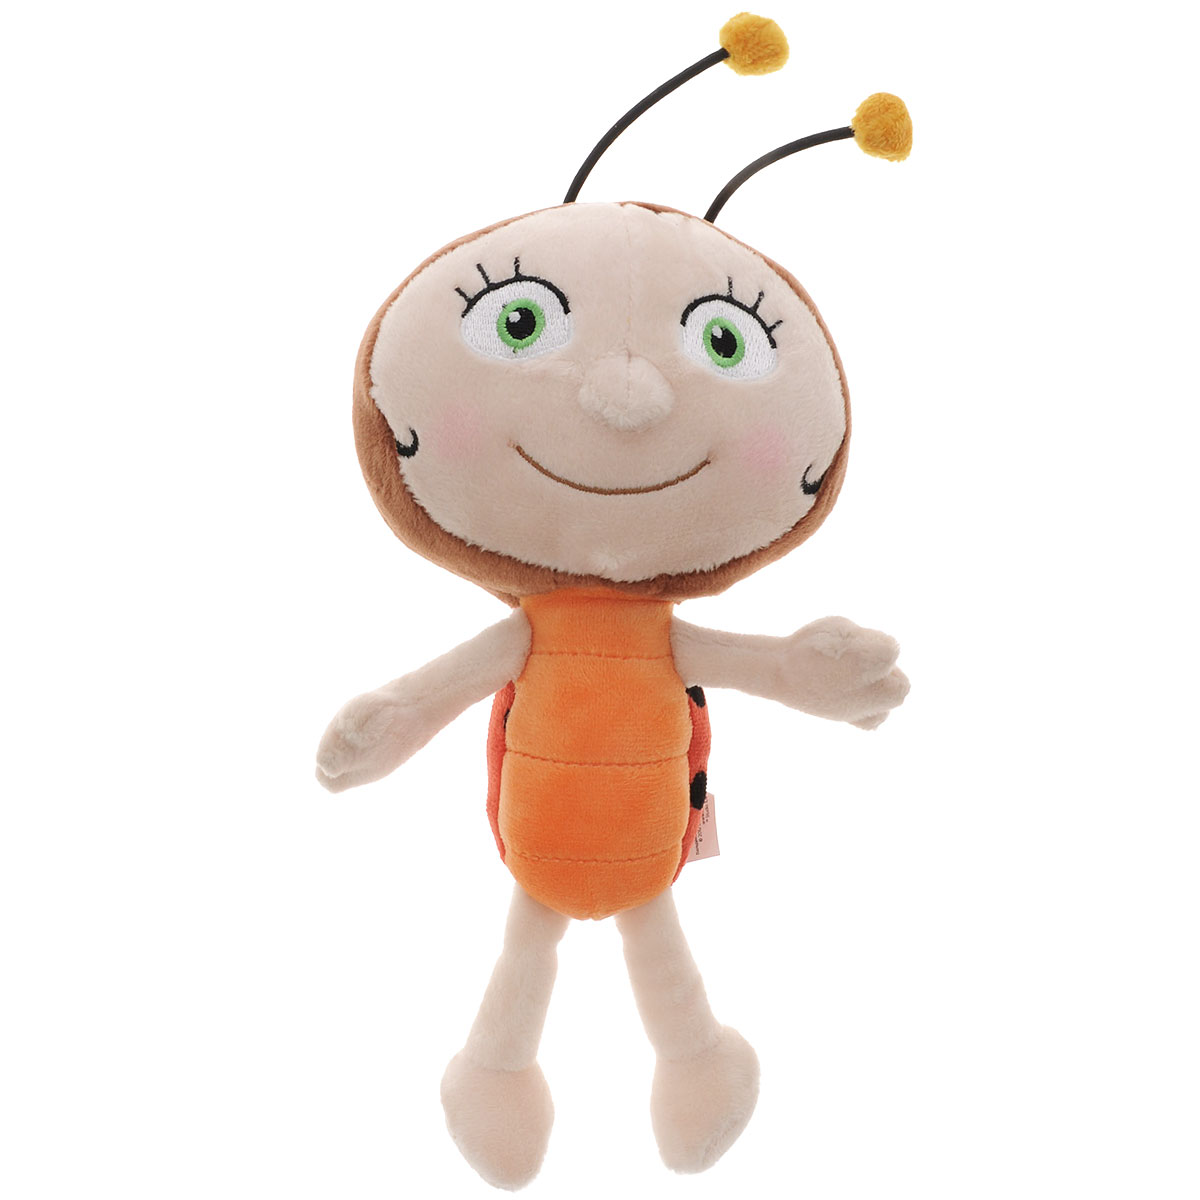 Игрушка мягкая Пчелка Майя Лара, цвет: бежевый, коричневый, 23 см. GT6454